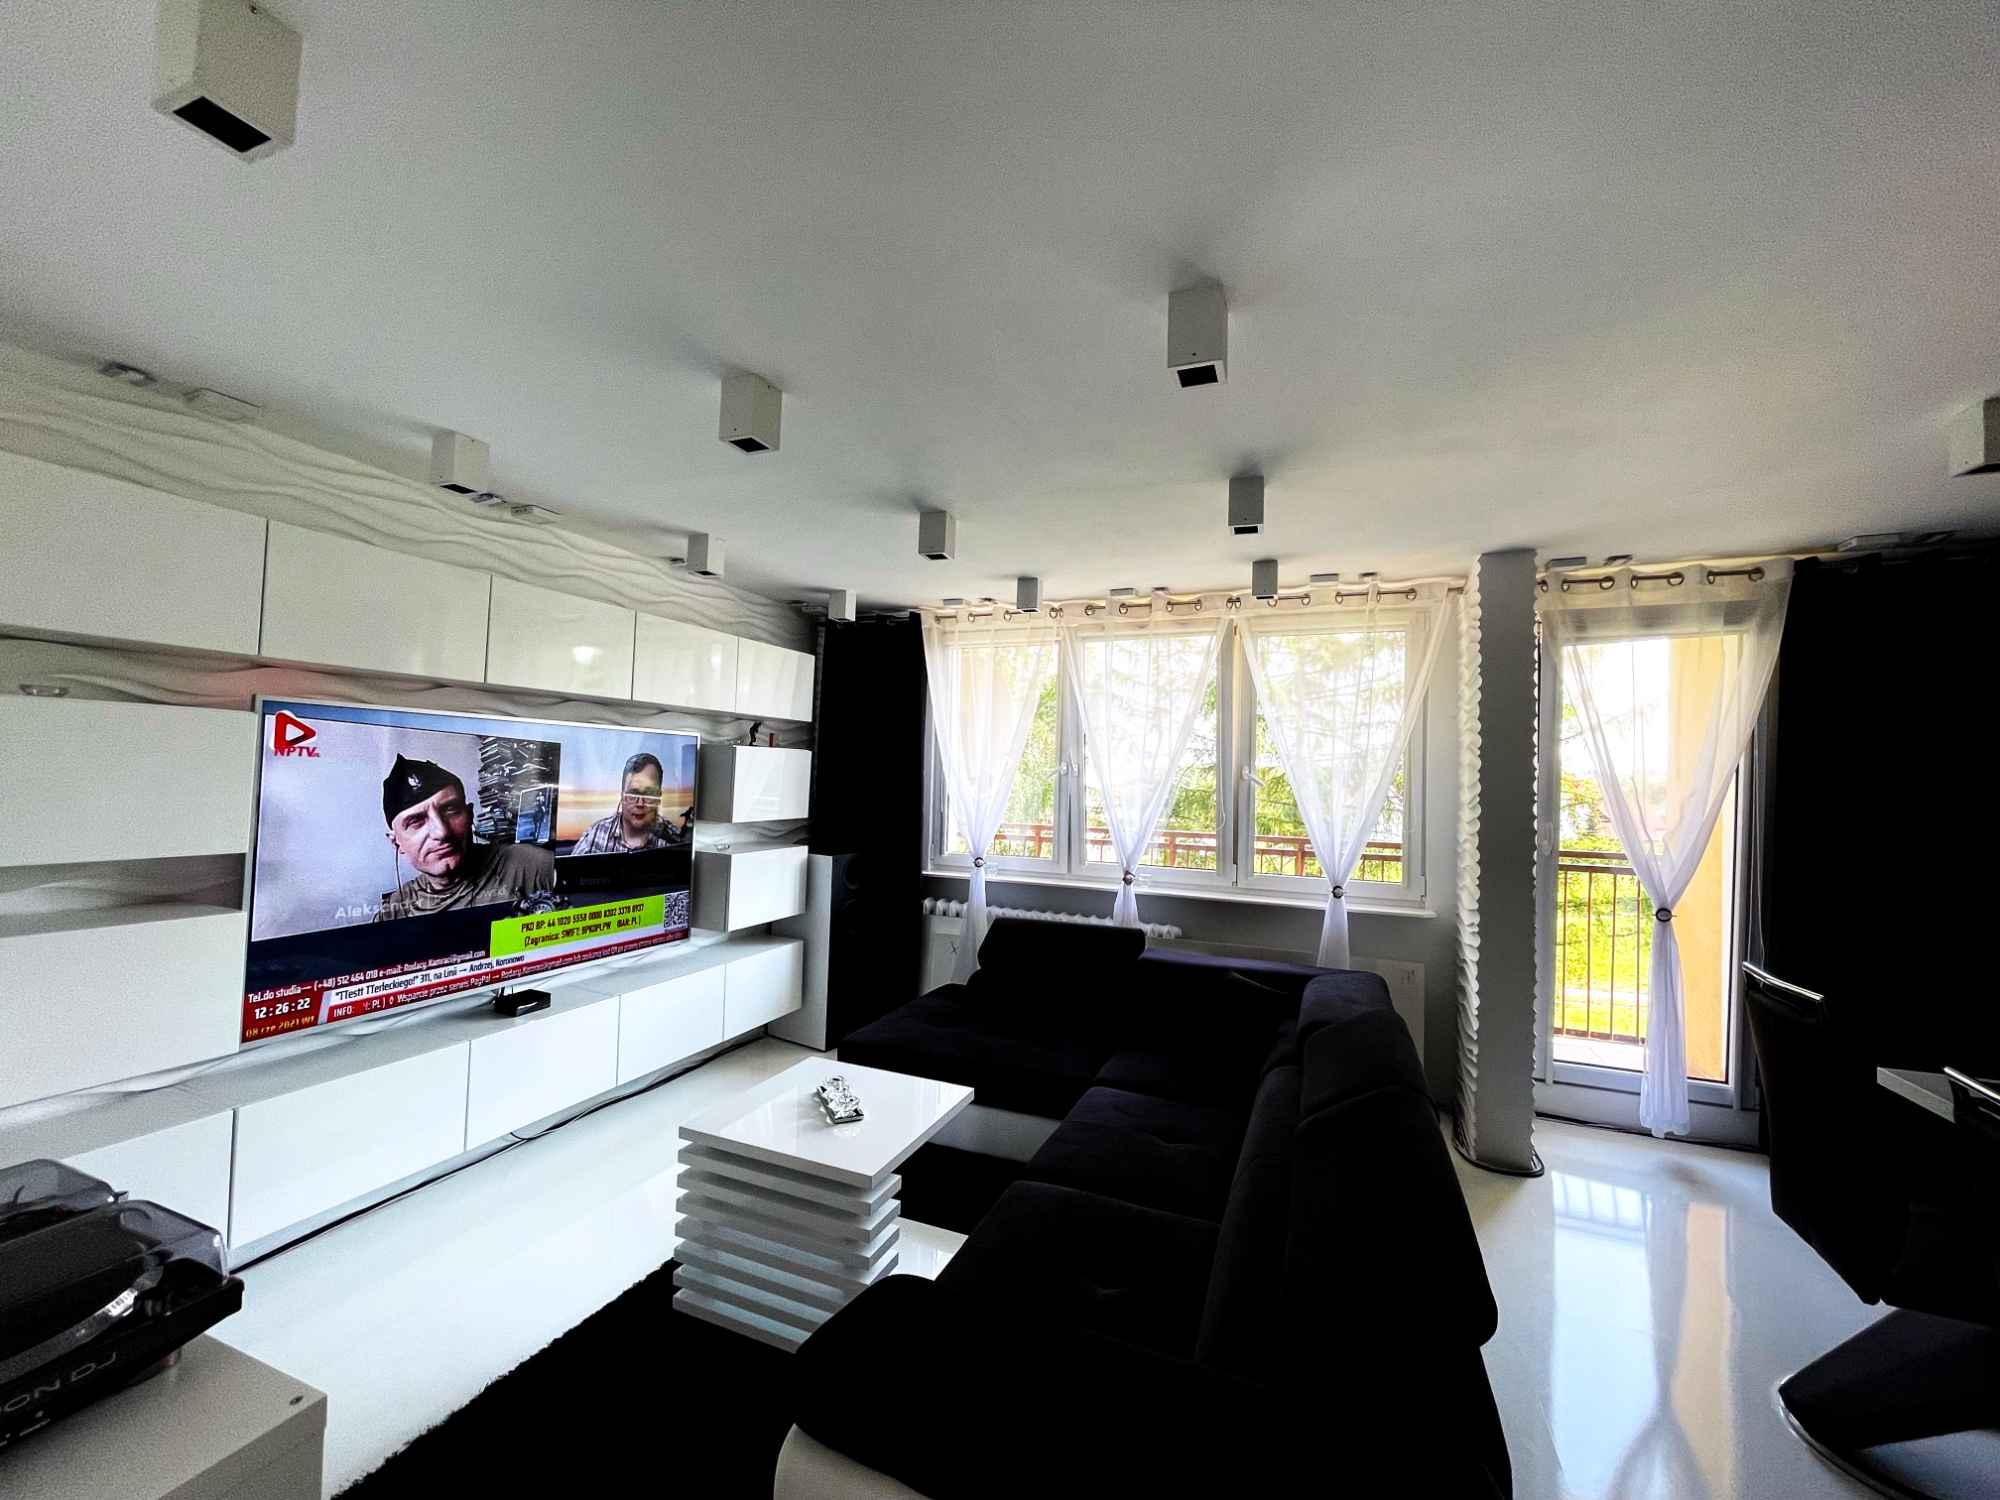 Mieszkanie Na Sprzedaż, 51 m2, Ostróda, Wysoki Standard Ostróda - zdjęcie 2